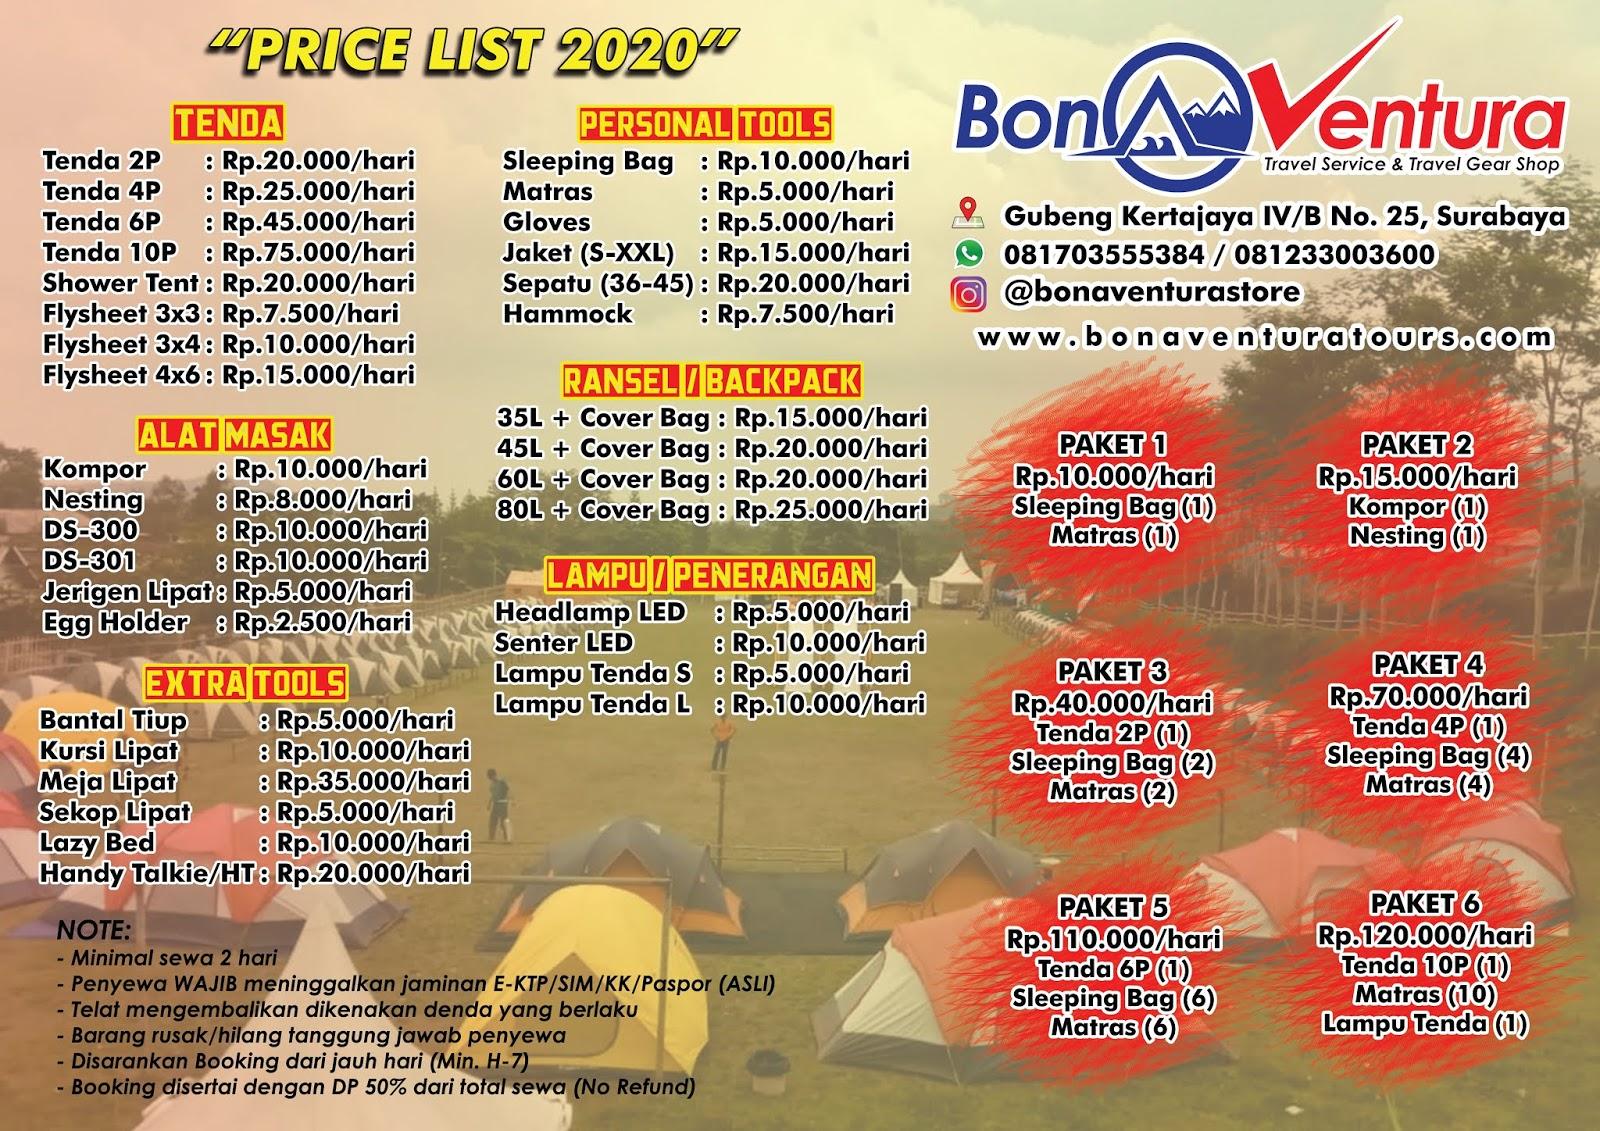 Rental Sewa Tenda Alat Camping Surabaya Bonaventura